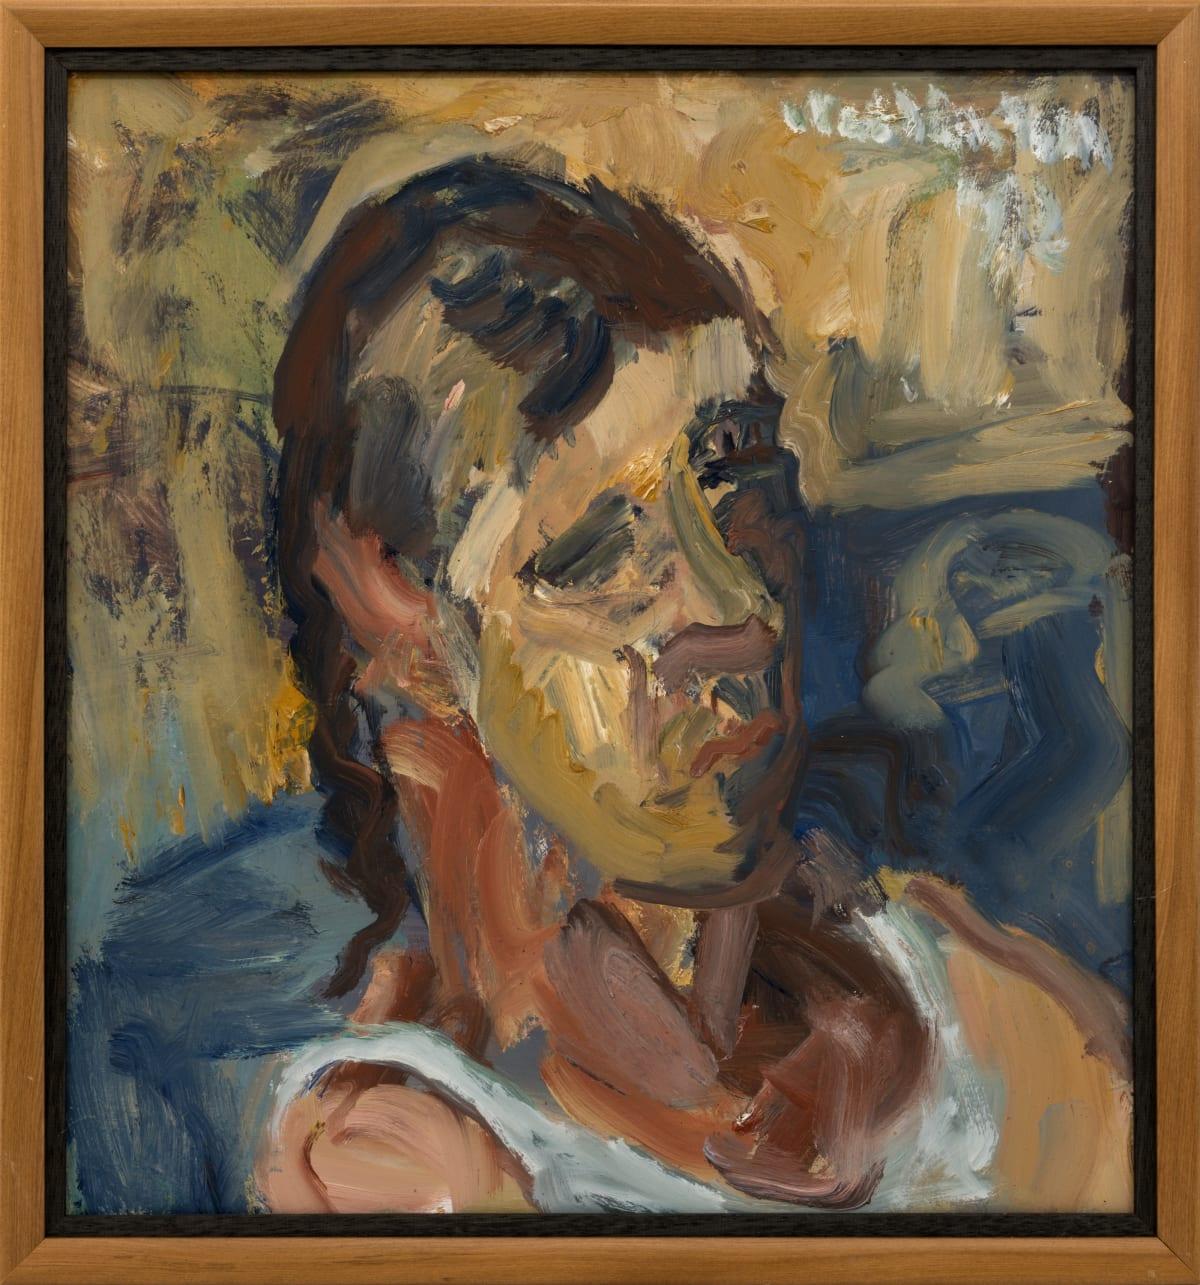 Mountford Tosswill Woollaston, Untitled [Portrait of Stephen Lockett], 1992